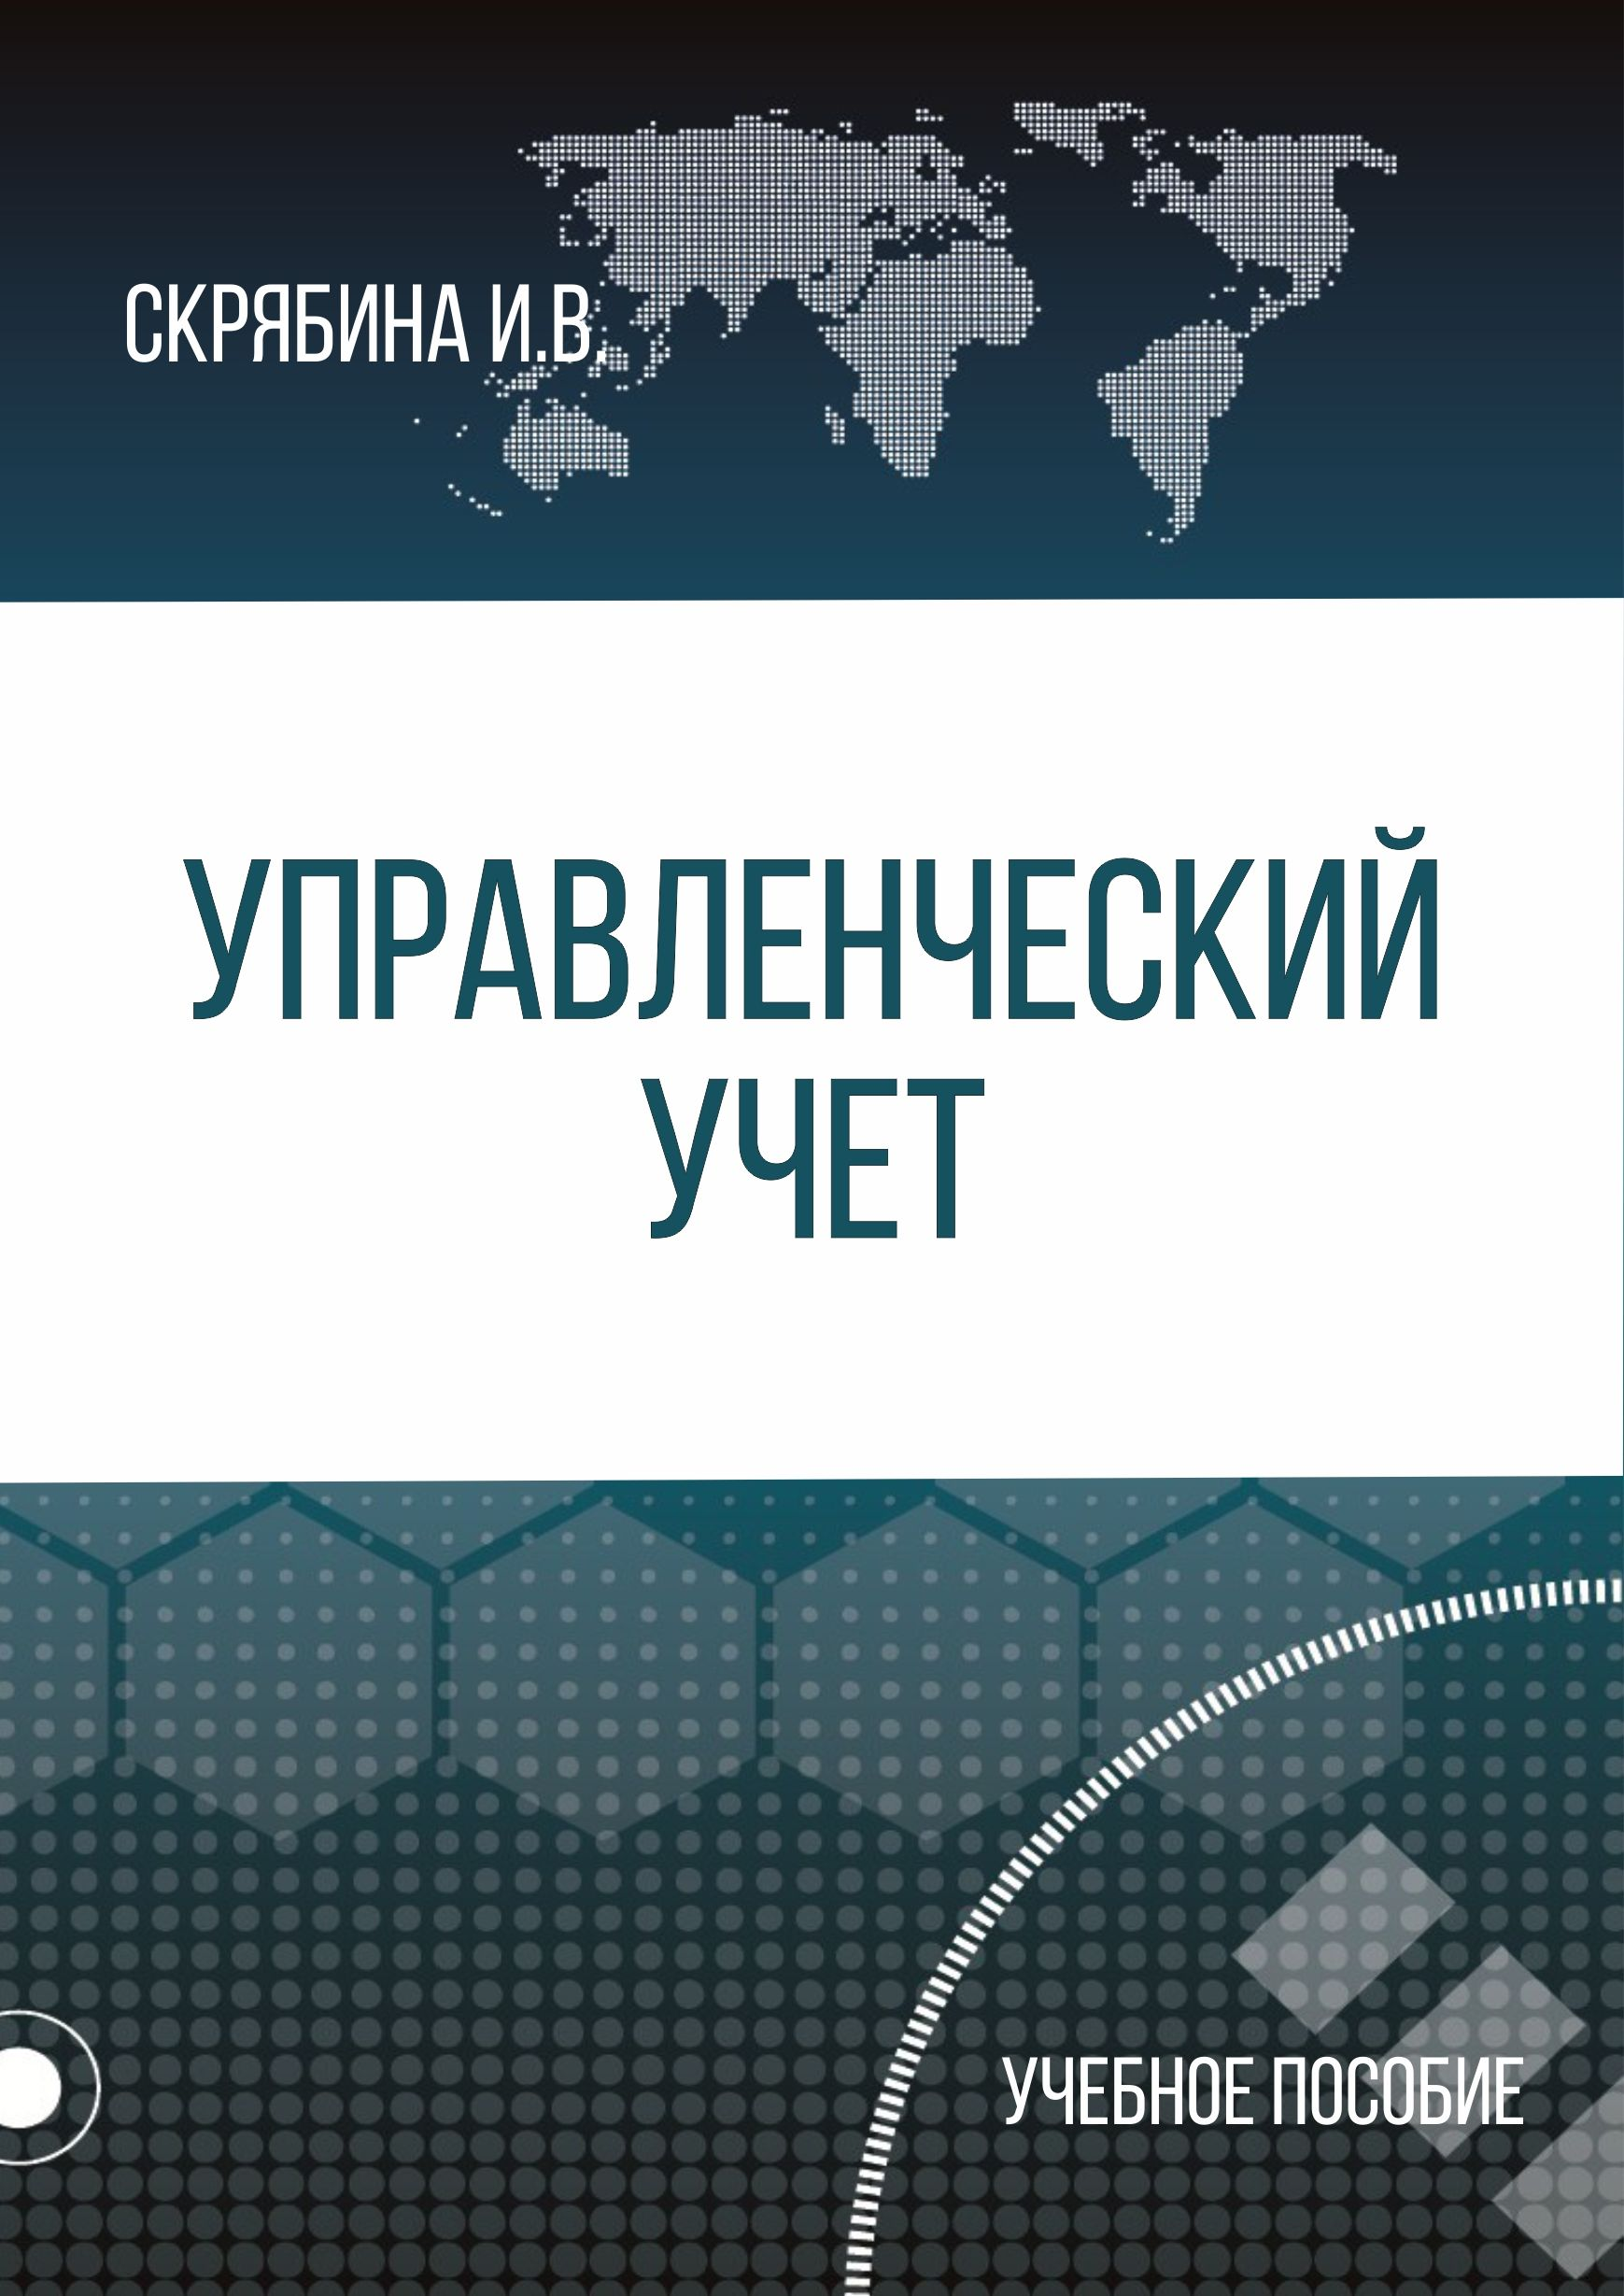 Управленческий учет ( И. В. Скрябина  )